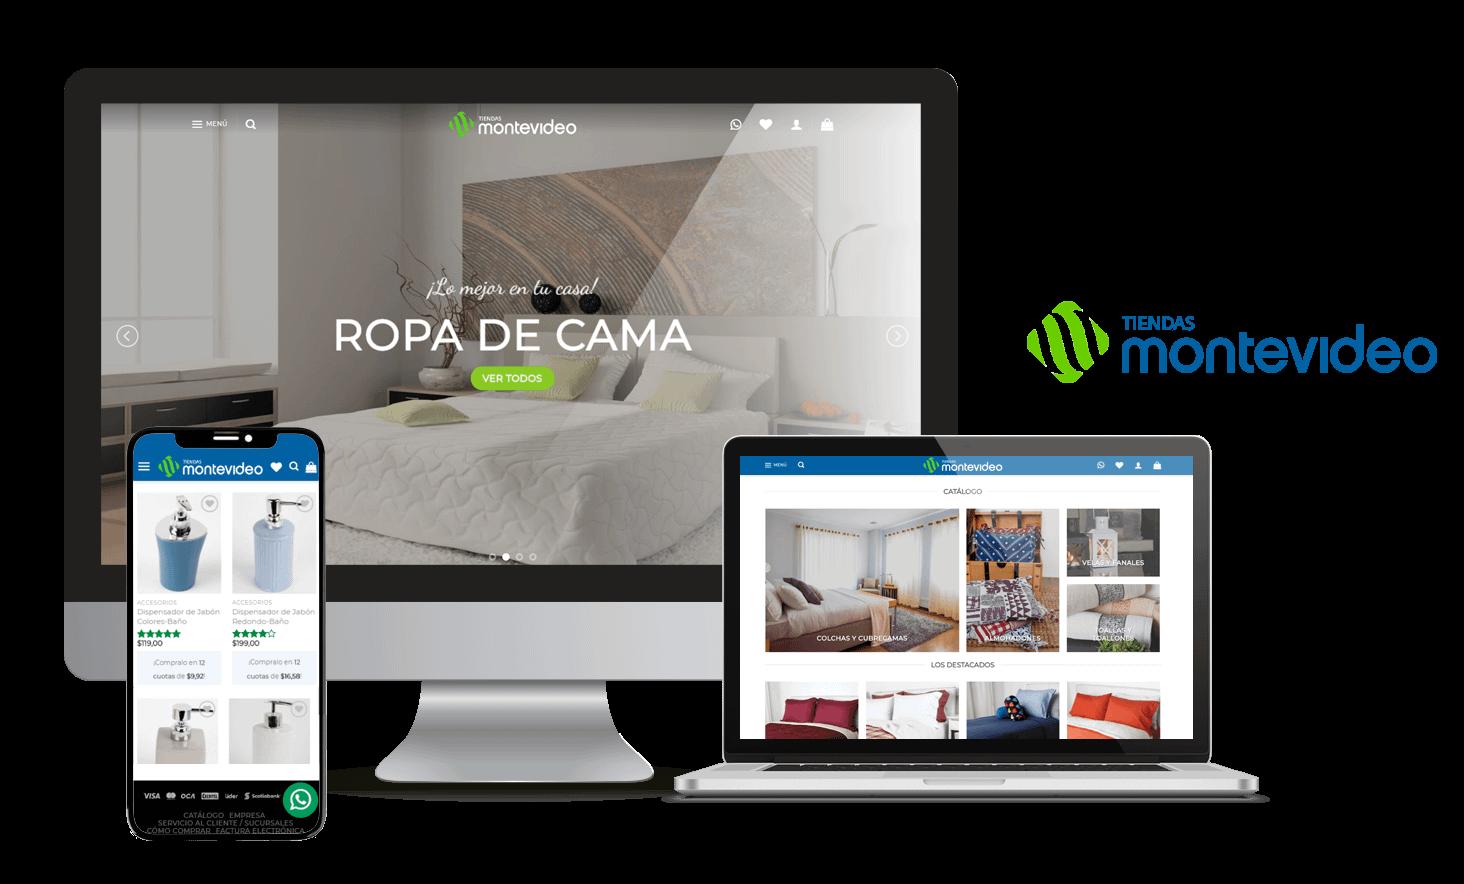 Desarrollo Tienda Online Tiendas Montevideo